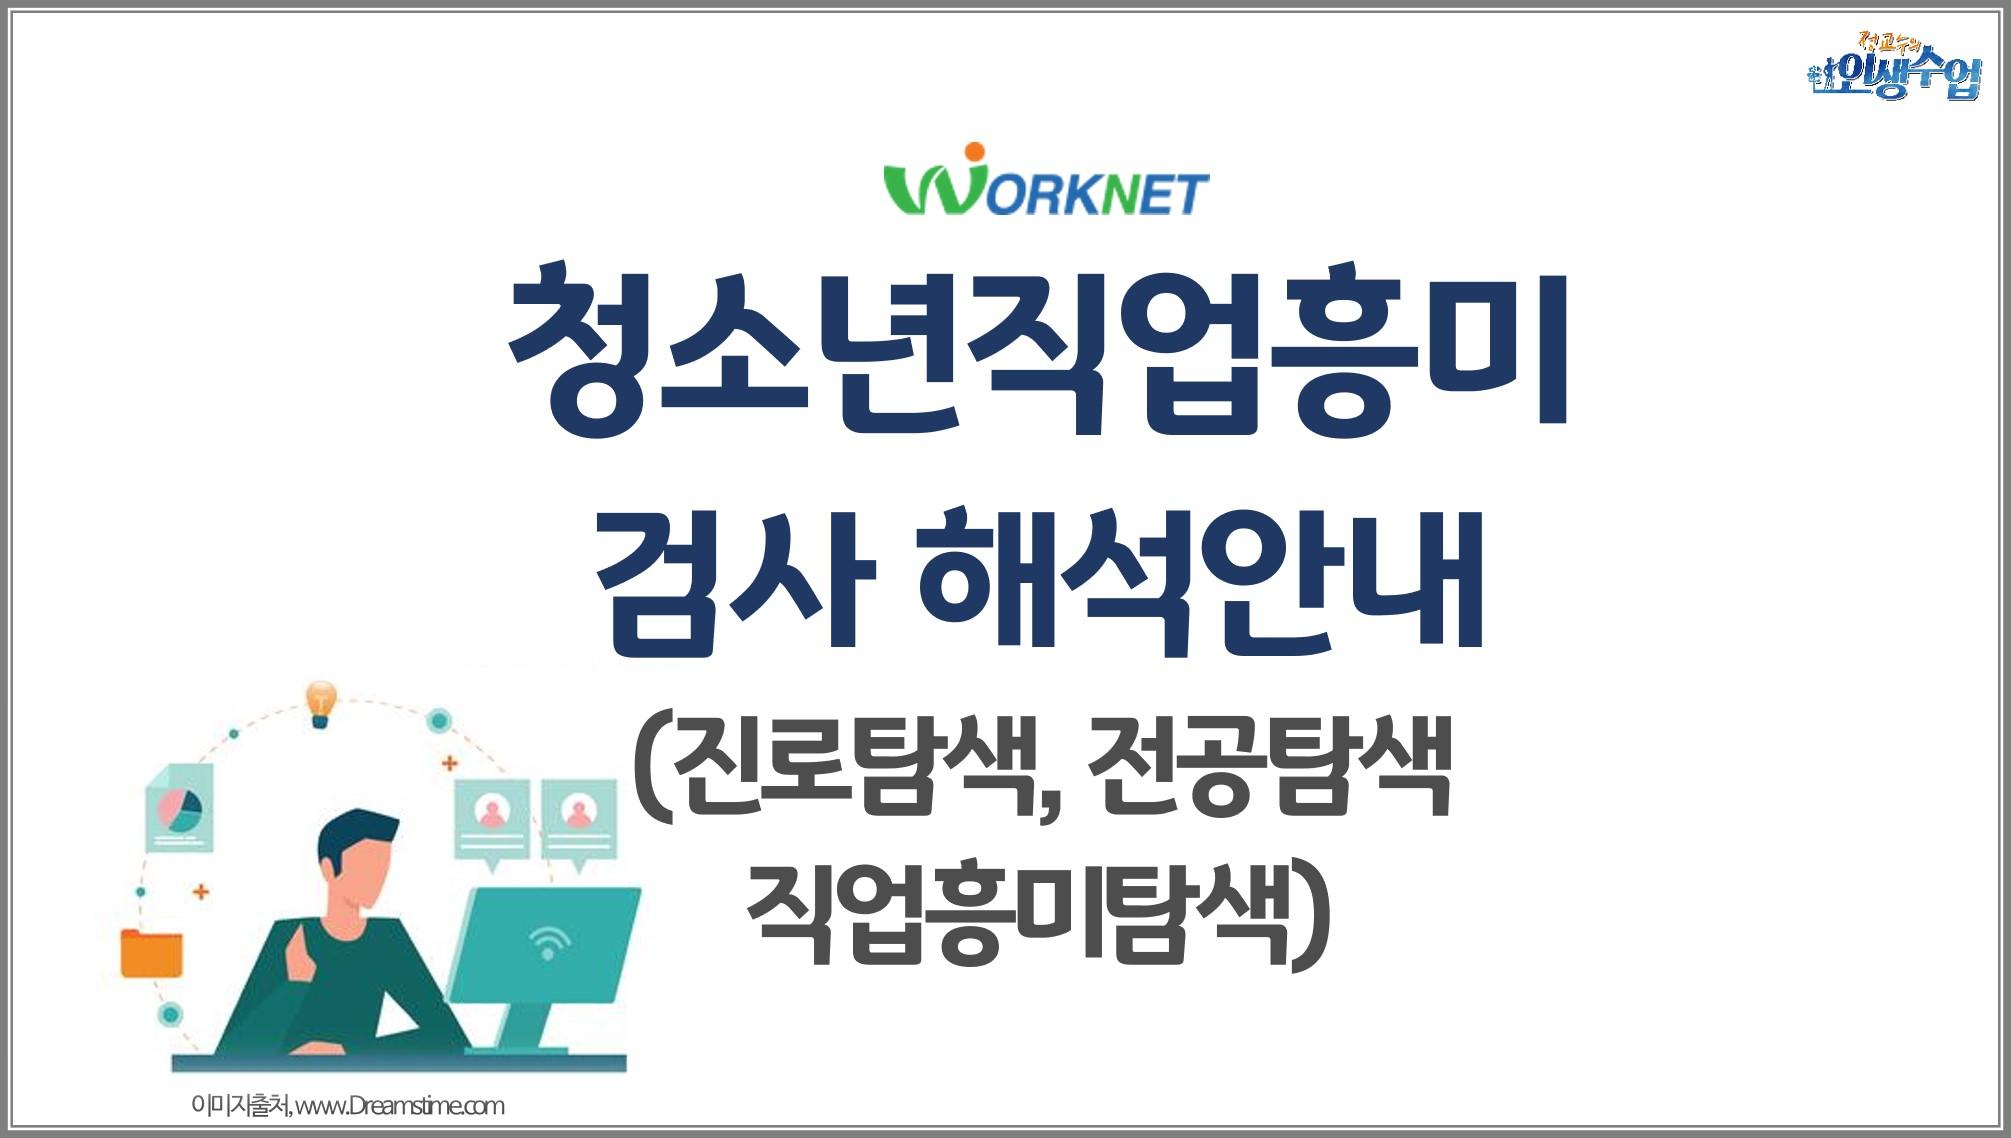 워크넷 청소년직업흥미검사 해석안내 (흥미탐색, 진로탐색, 전공탐색, 직업탐색)